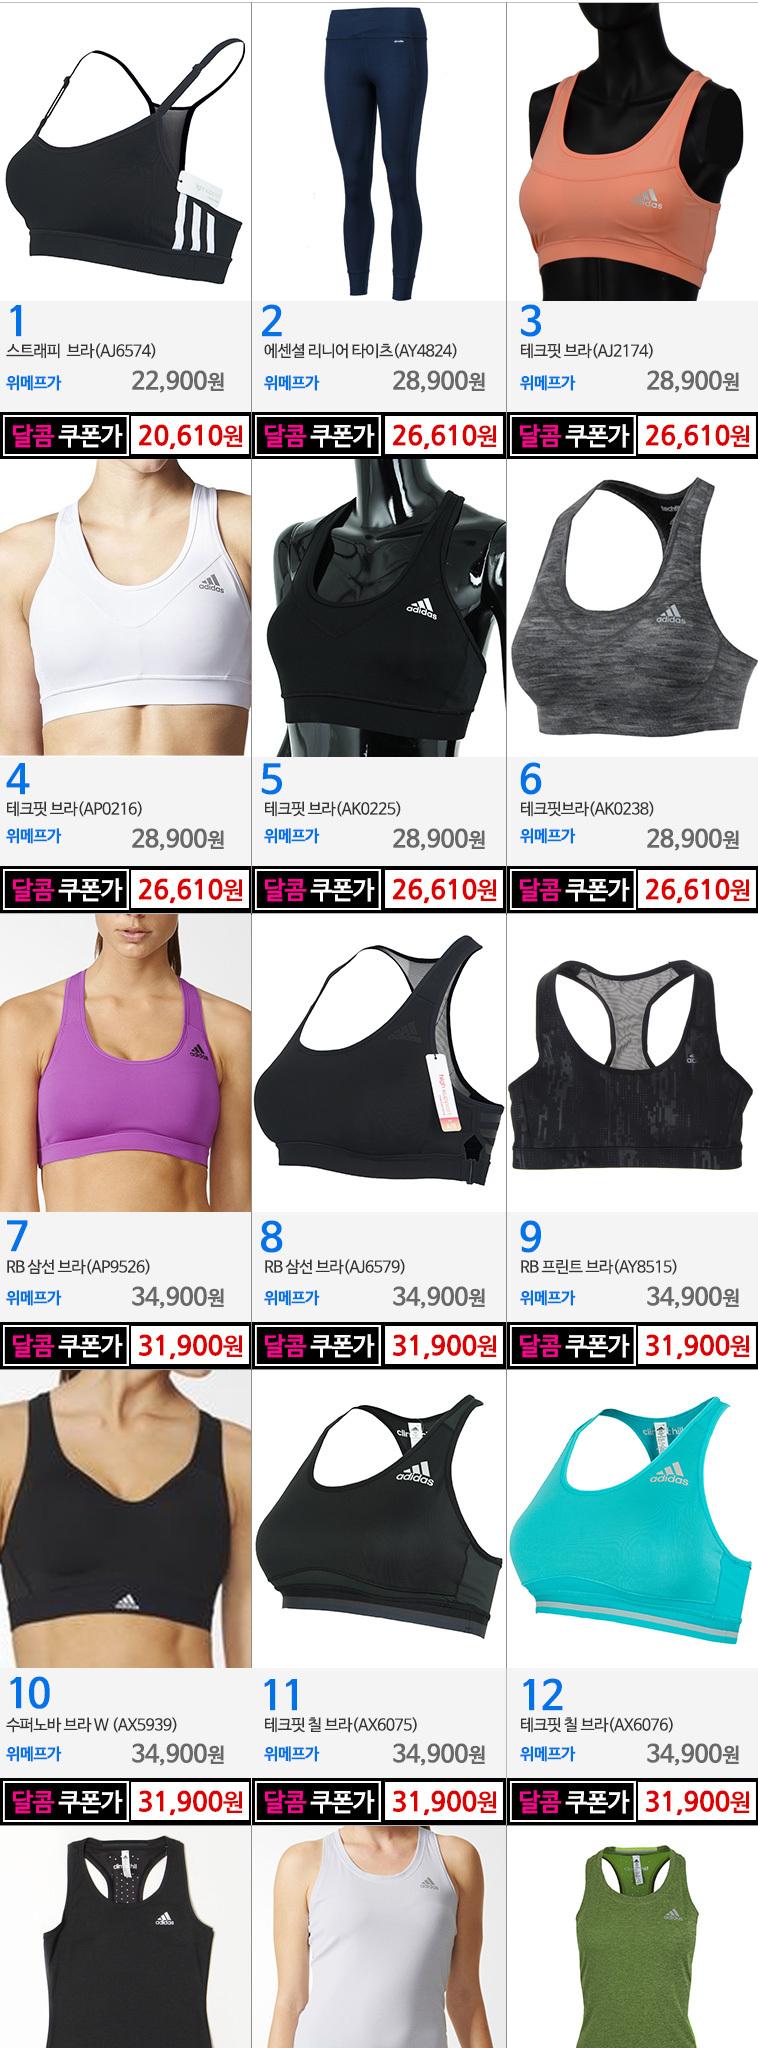 [무료배송] 올 봄 인기 HOT 아이템 - 상세정보